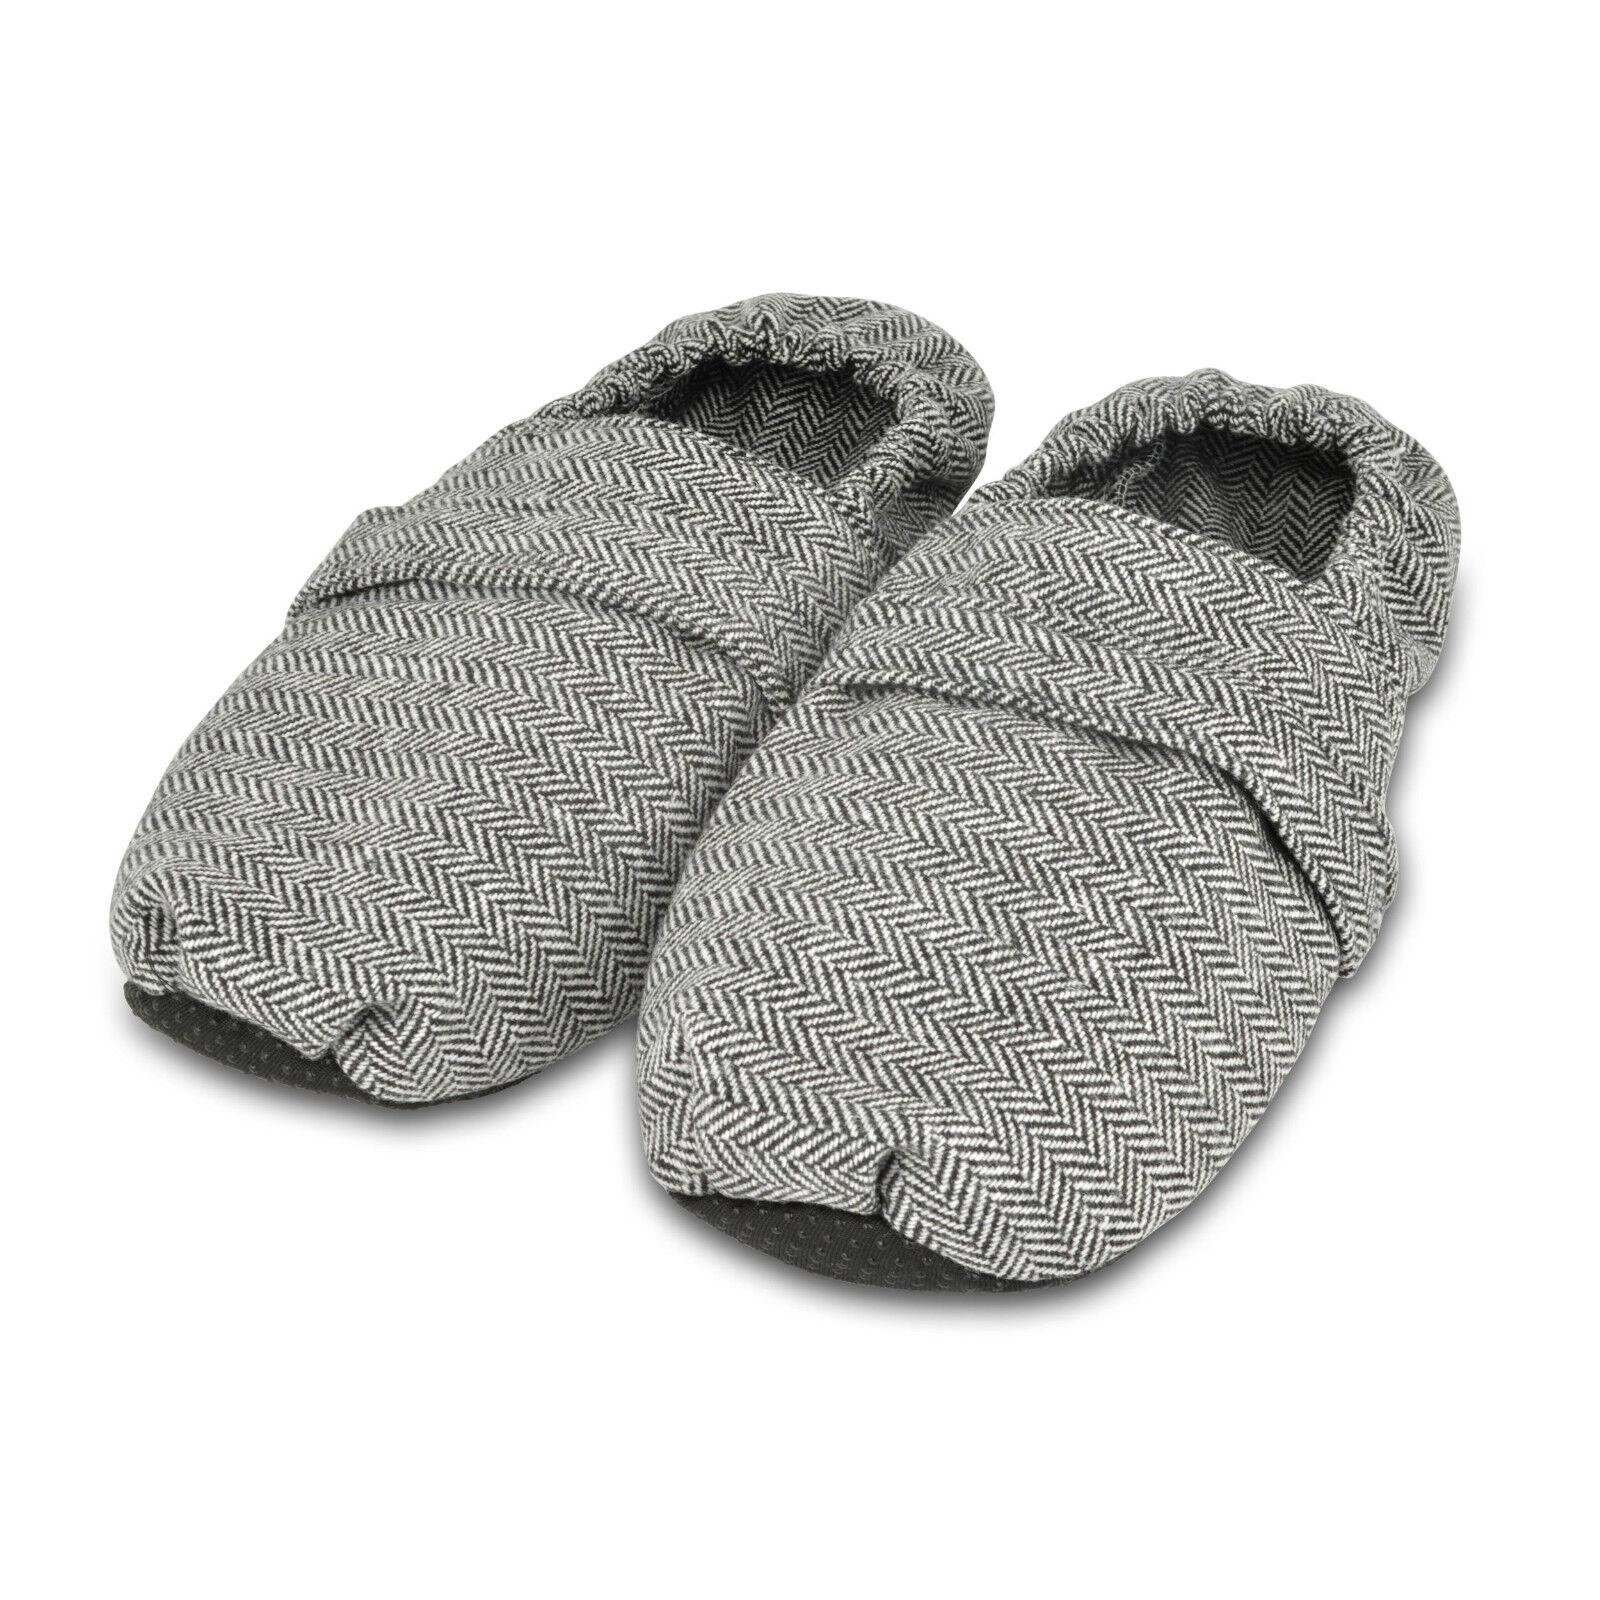 Zhu-Zhu Herringbone Microwavable Slippers - Herringbone Zhu-Zhu - Unscented Microwave Feet Warmers a09b66